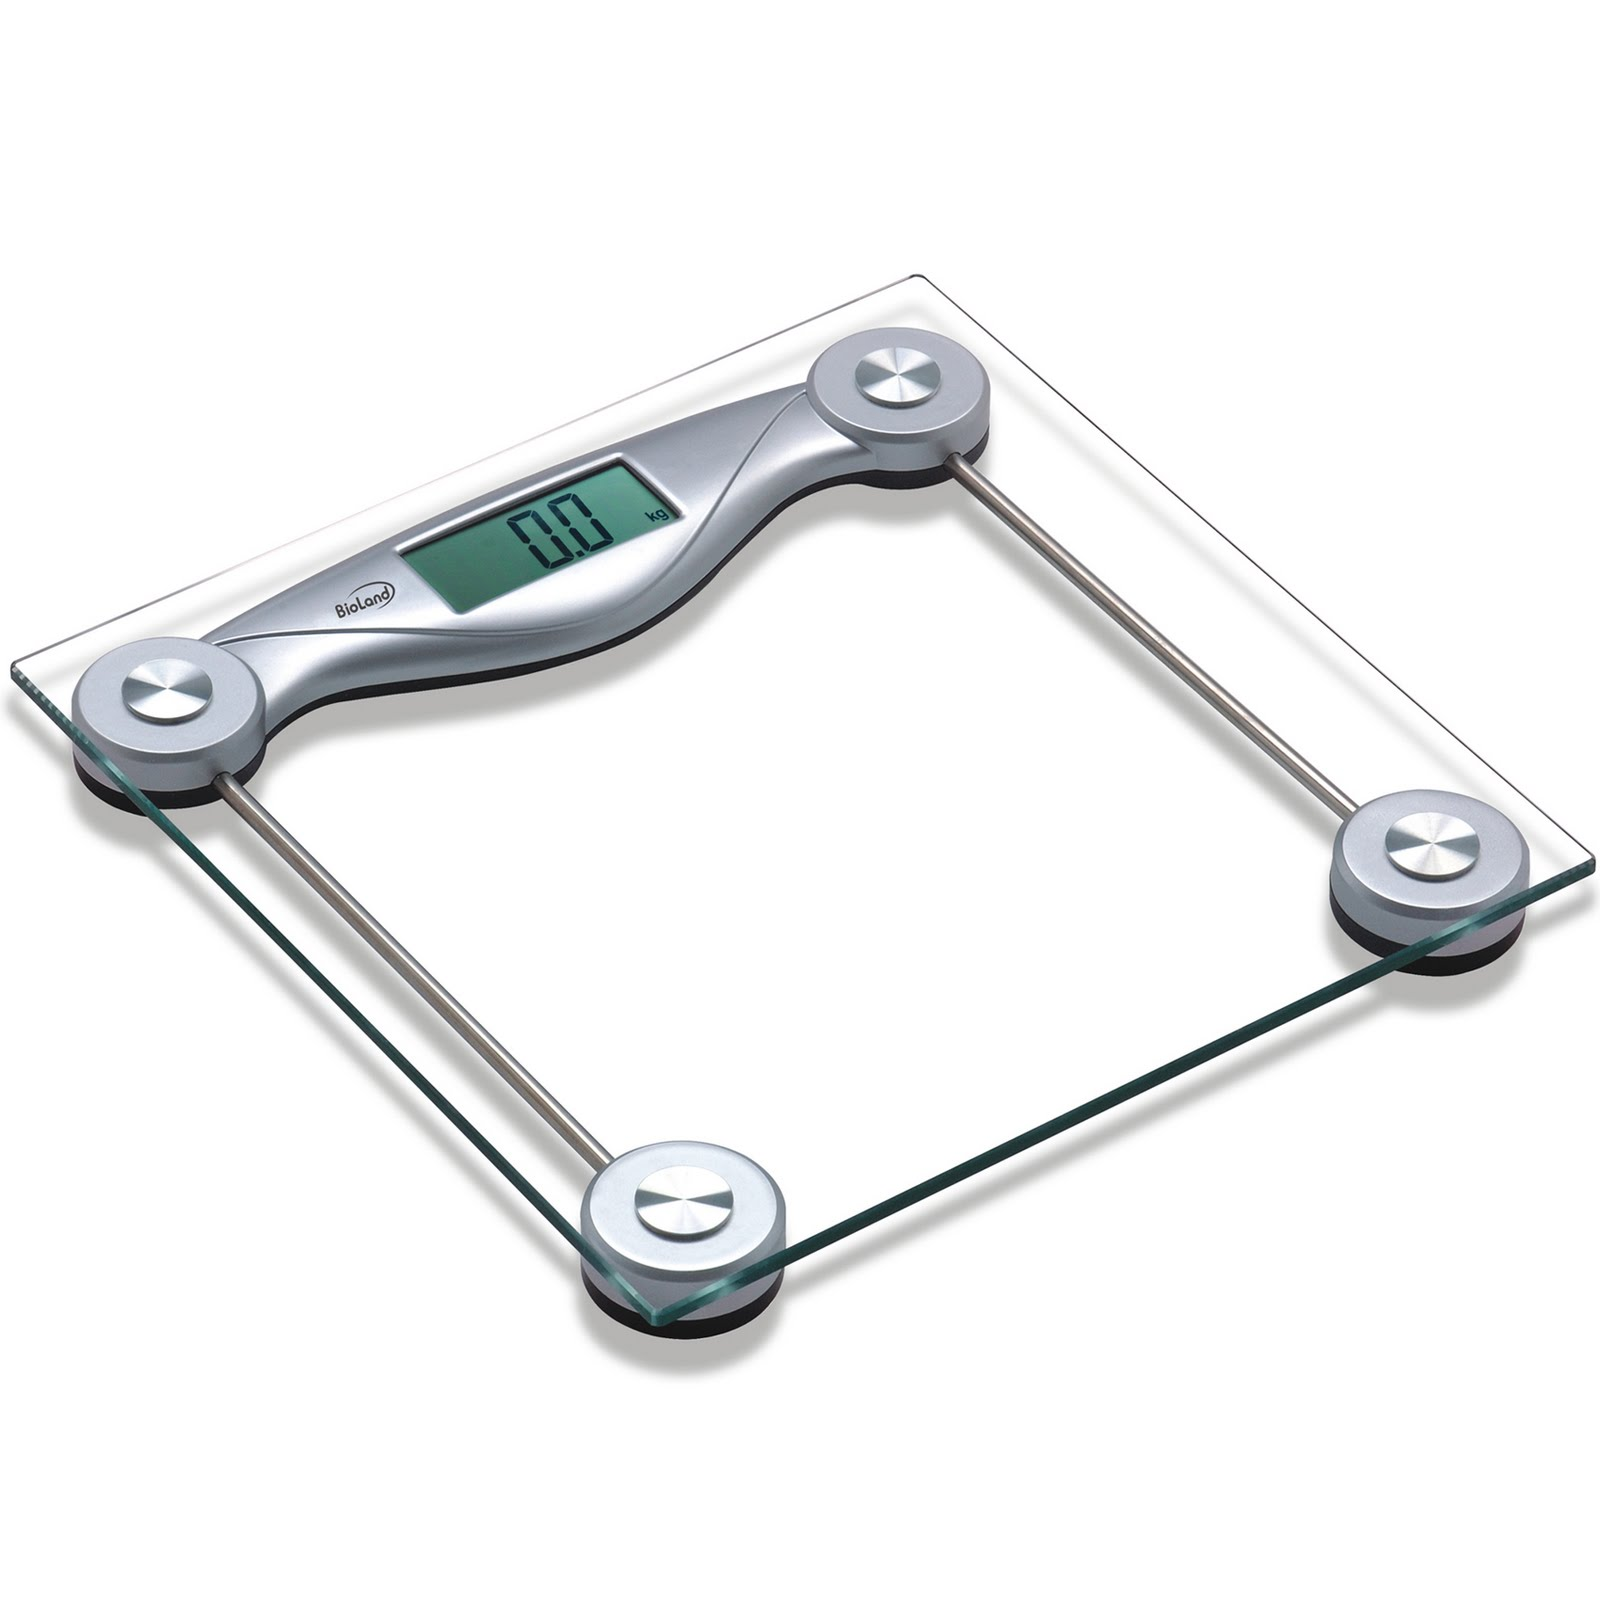 Balança: analógica ou digital? VilaClub #365B52 1600x1600 Balança Digital Banheiro Worker